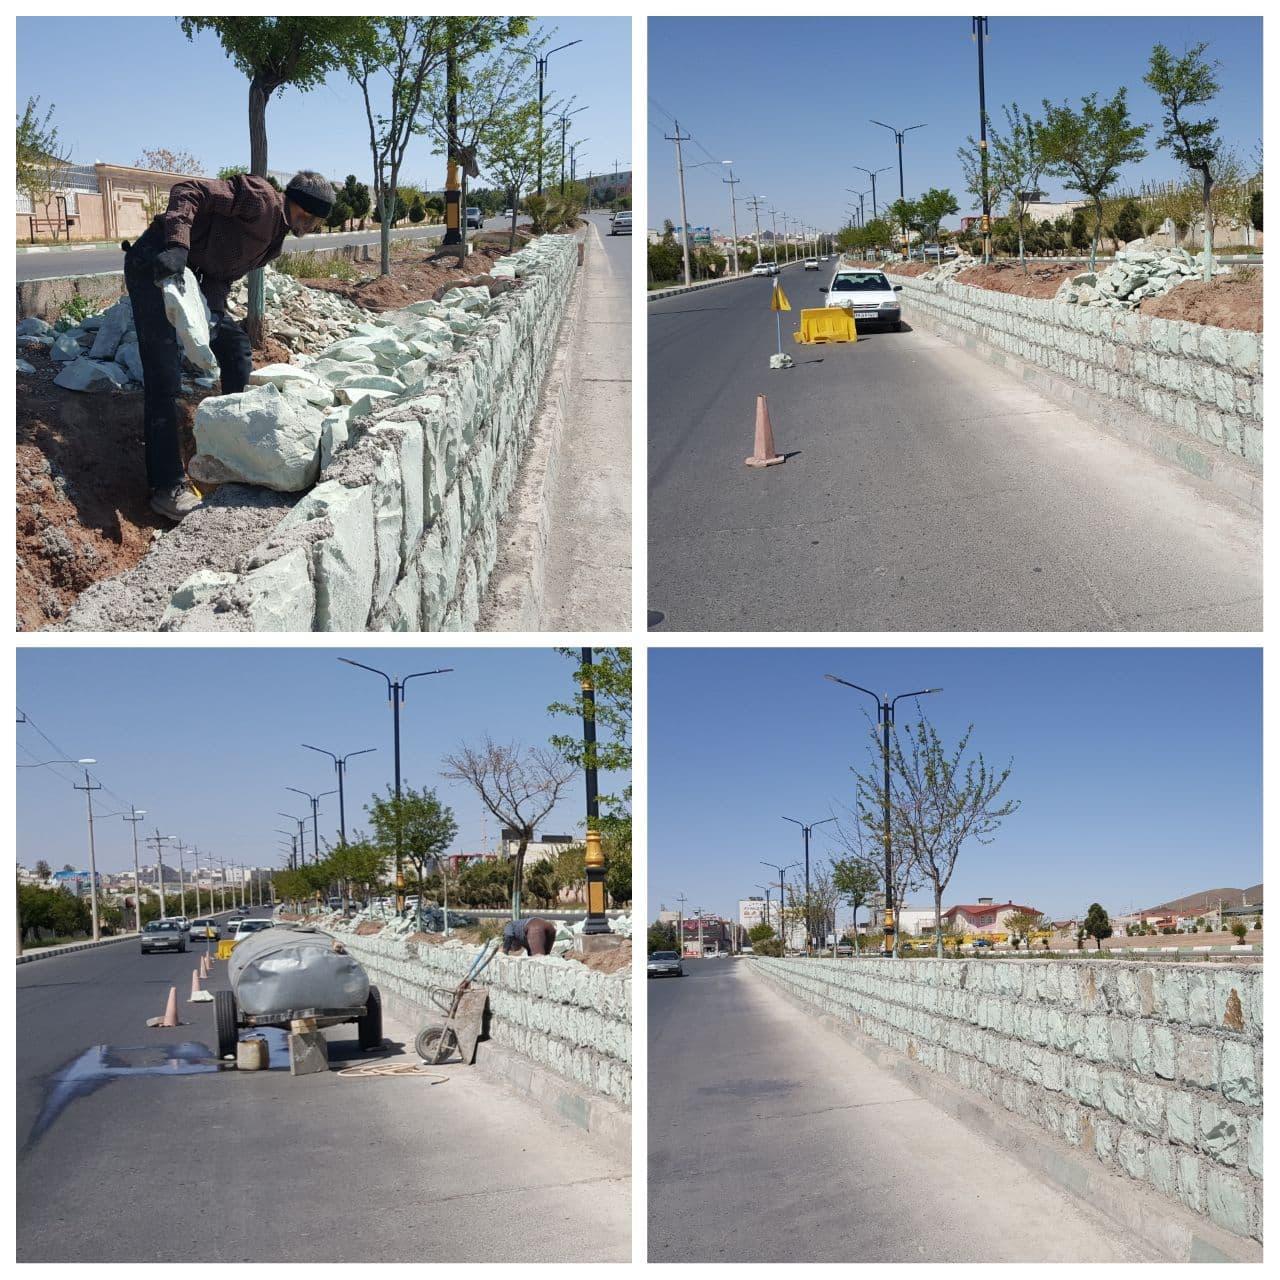 عملیات بهسازی بلوار انقلاب اسلامی پرند رو به پایان